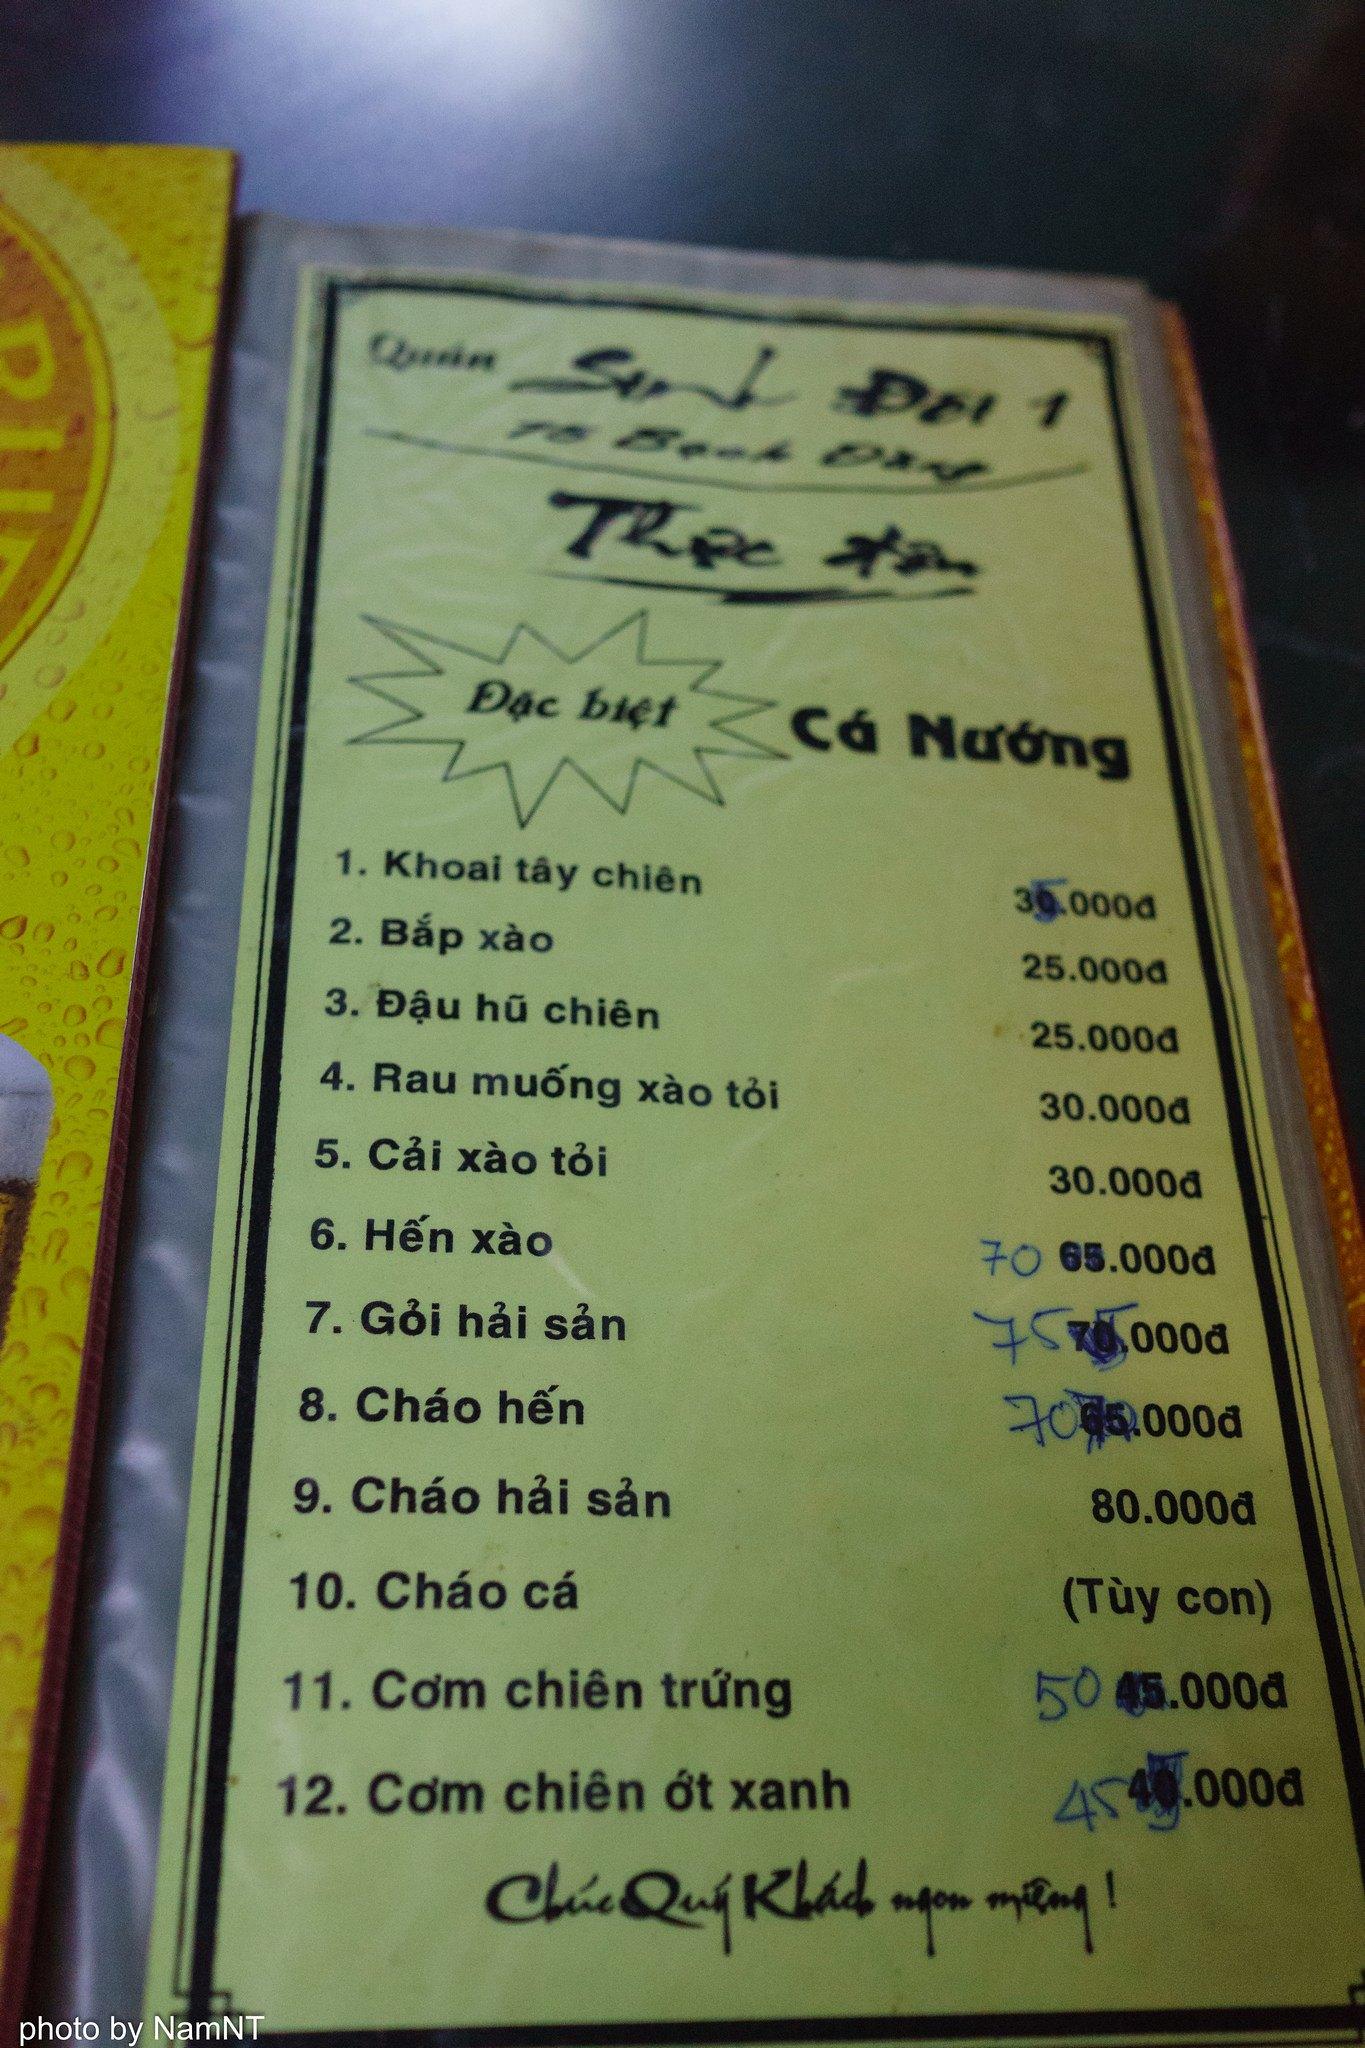 19530729201 6c656dea6e k - [Phượt] - SG-Cổ Thạch- Nha Trang- Đà Lạt: ngàn dặm mua hạt é cho người thương